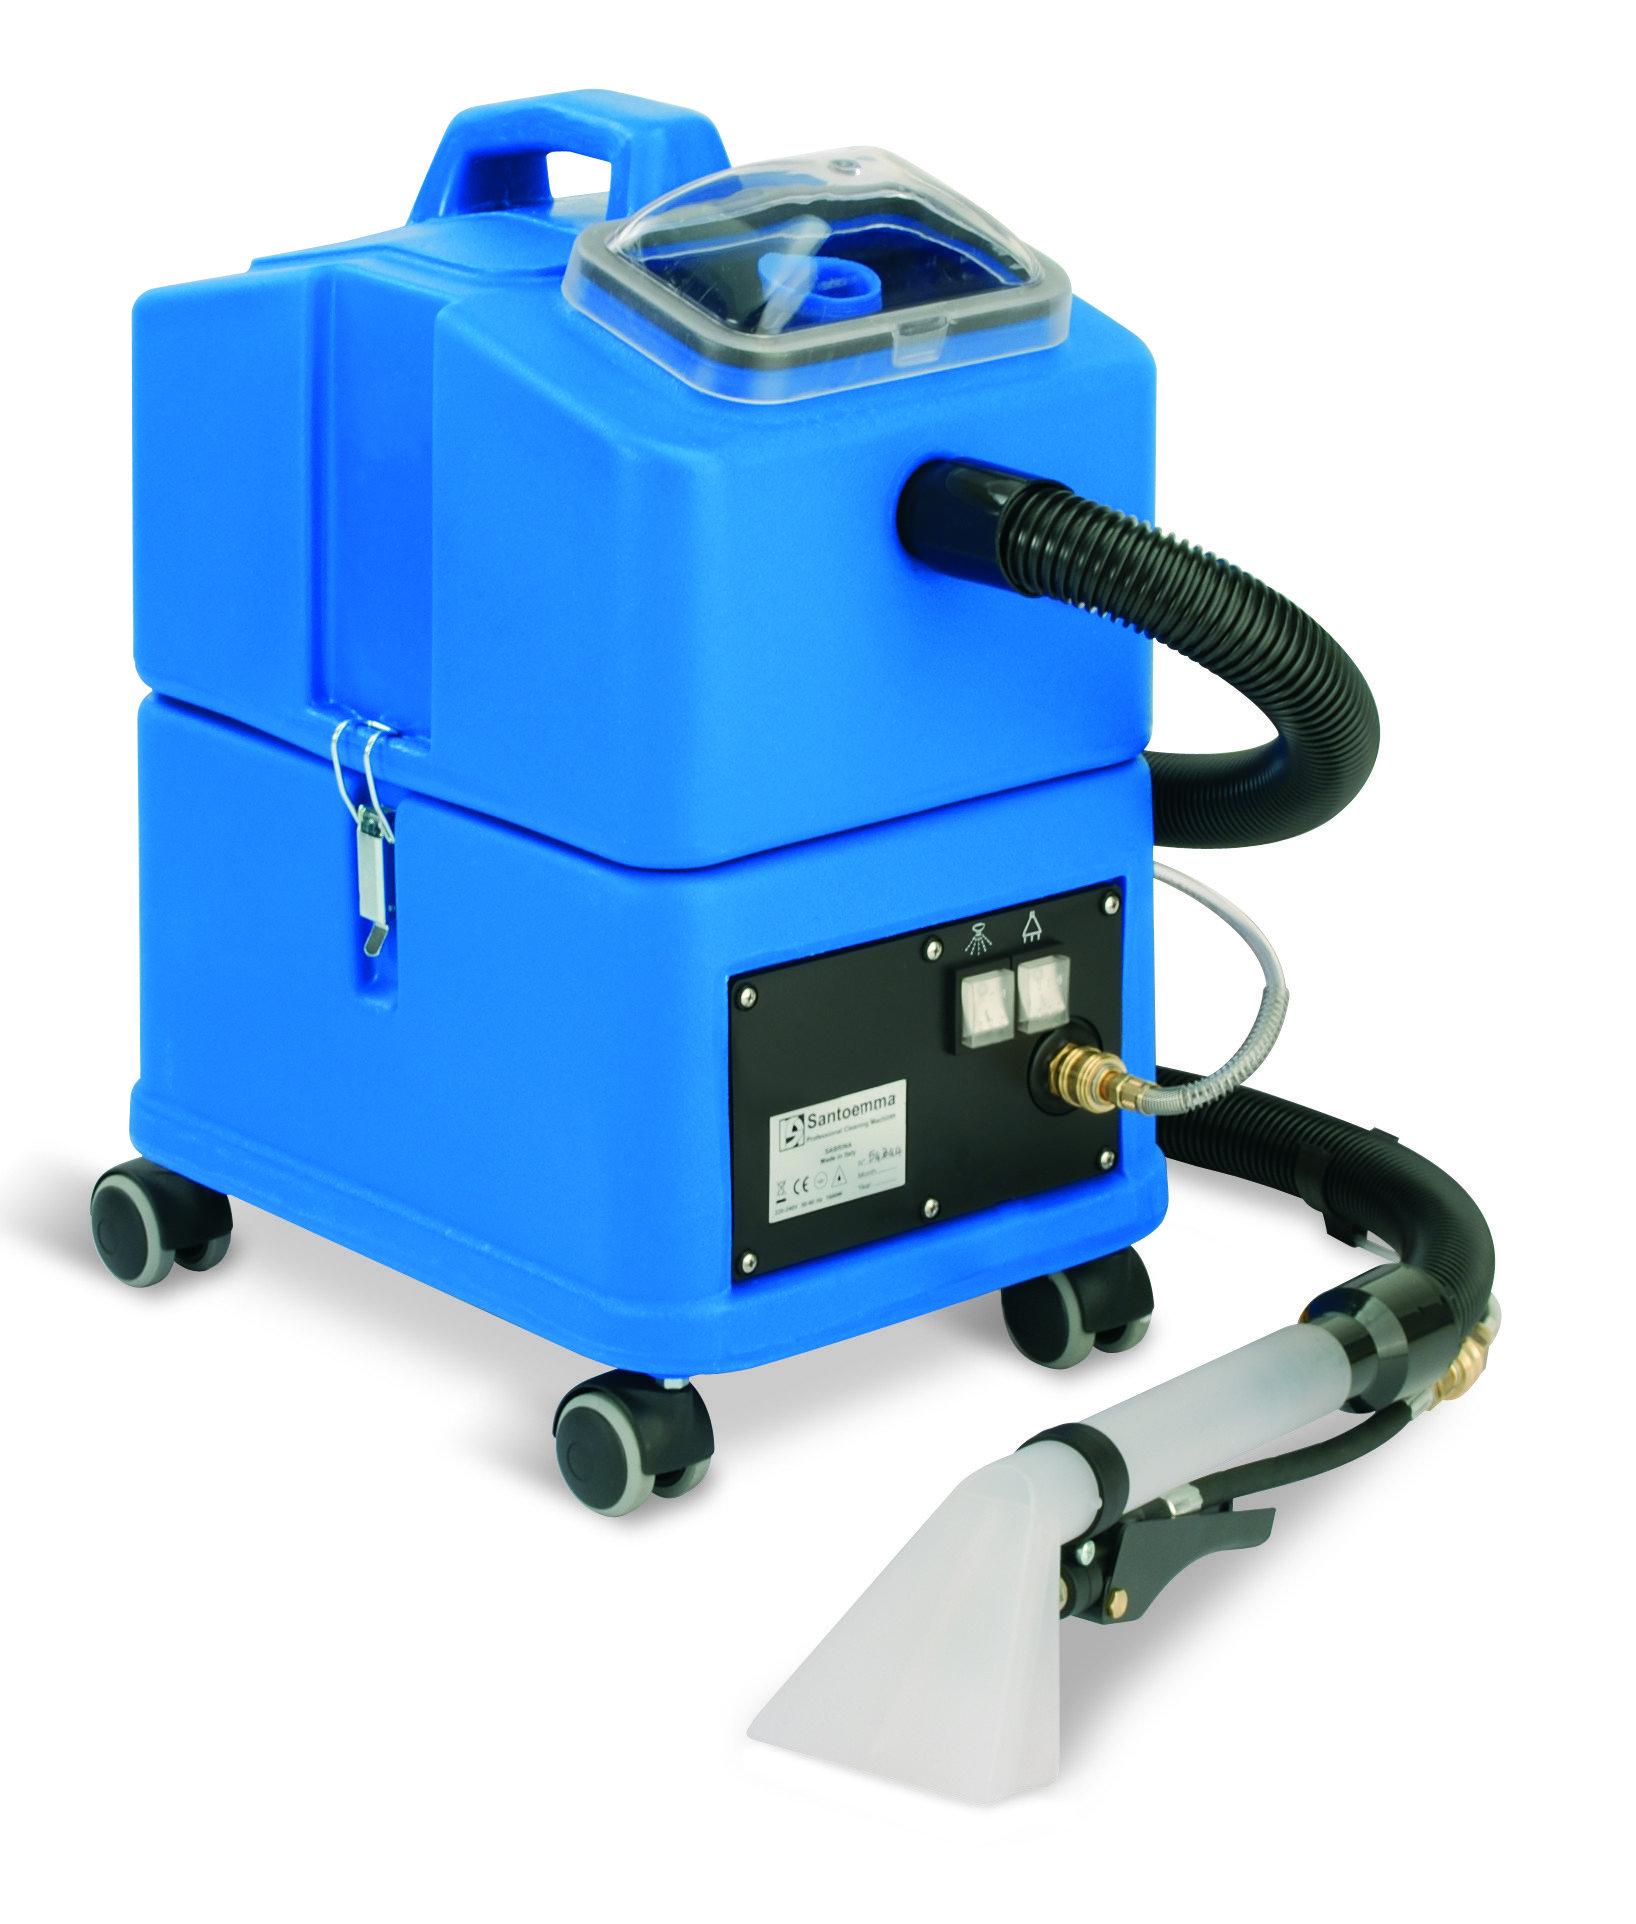 Sw15 mejor limpieza - Maquinas de limpieza a vapor ...